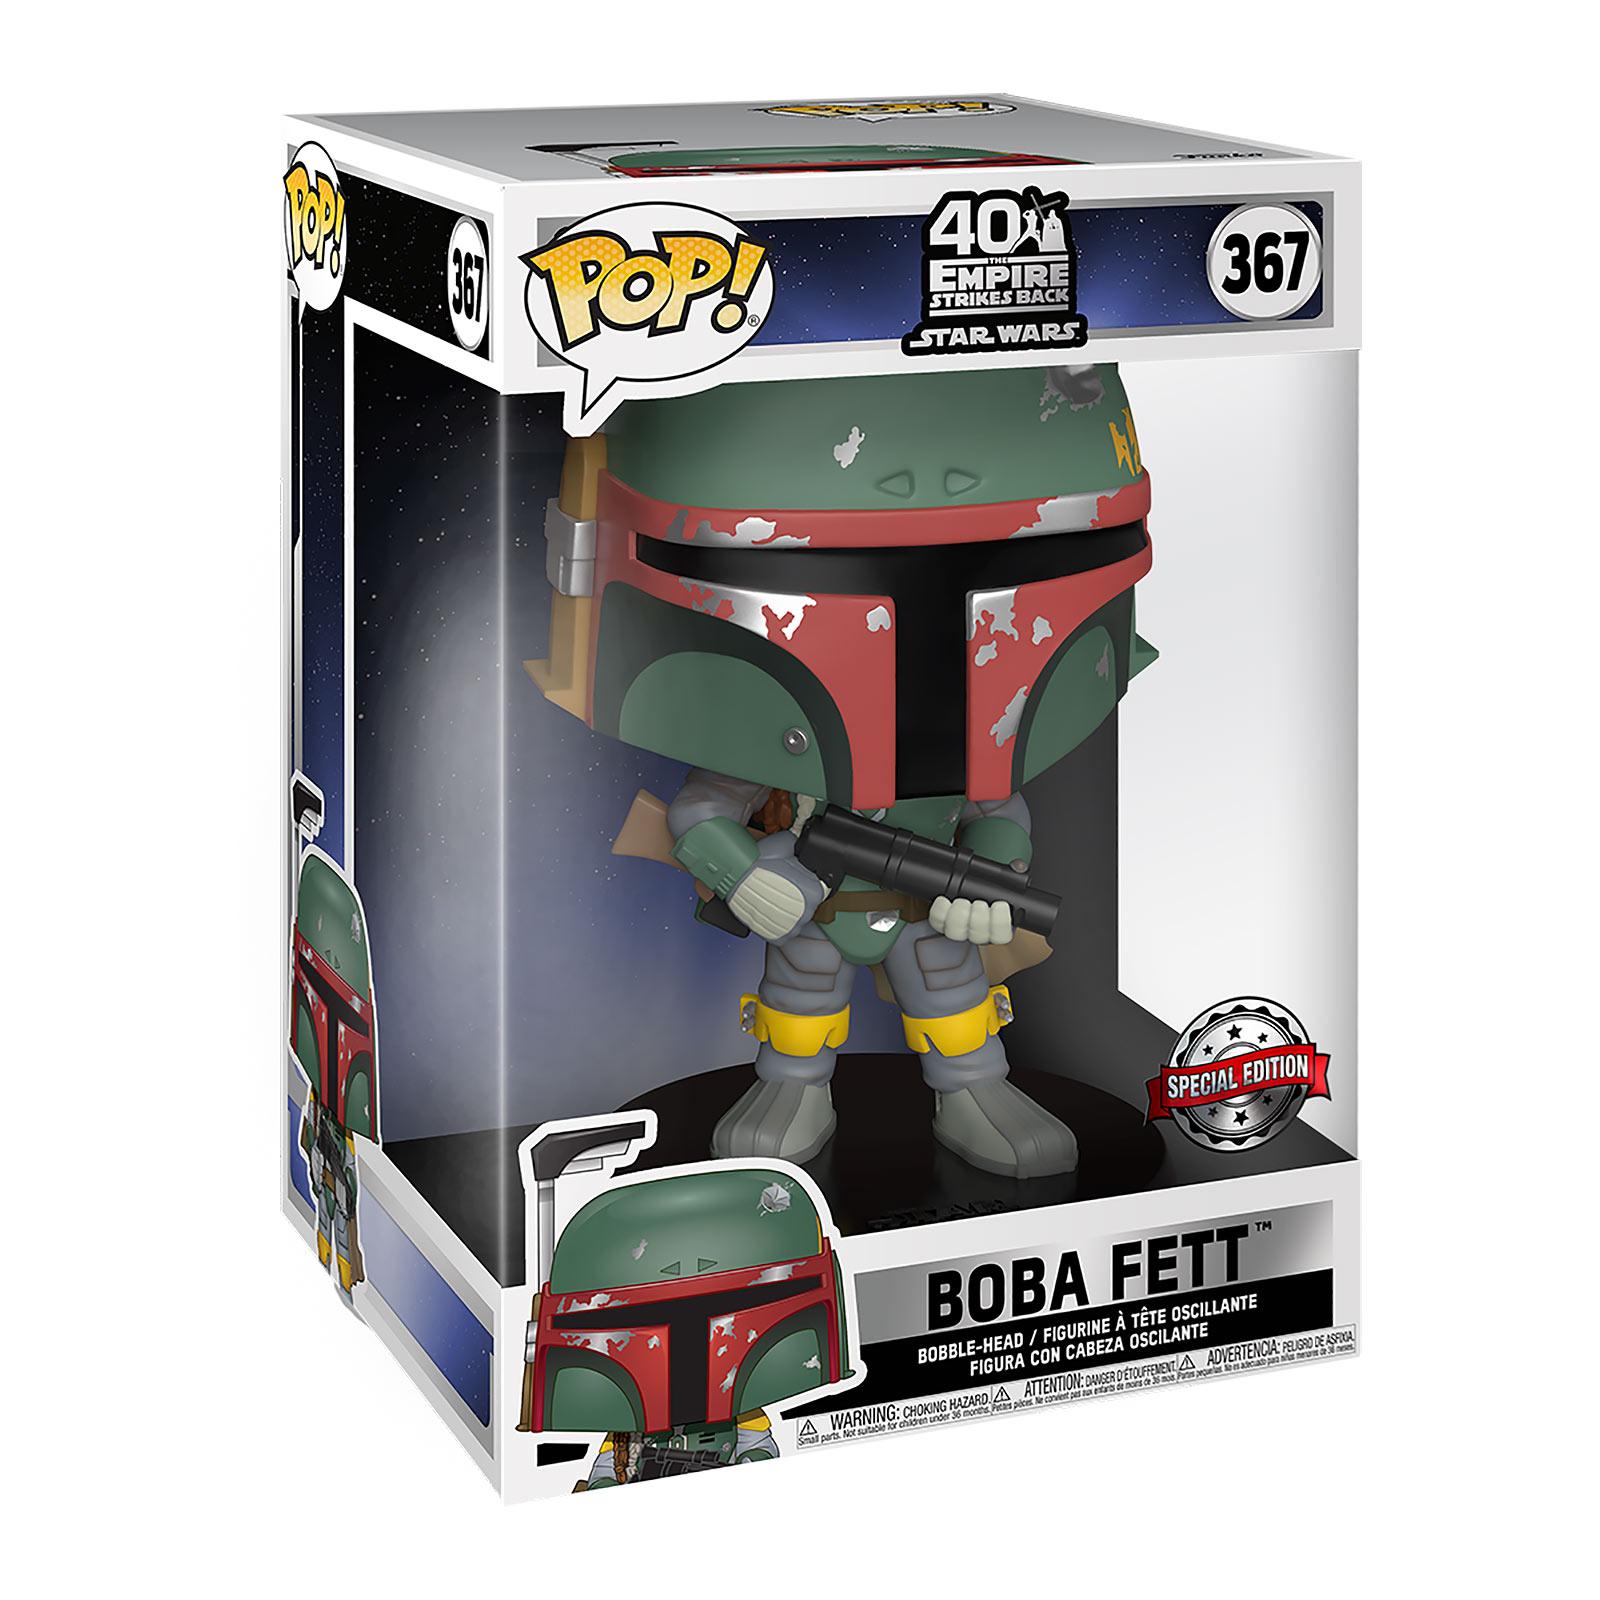 Star Wars - Boba Fett Funko Pop Wackelkopf-Figur 25cm